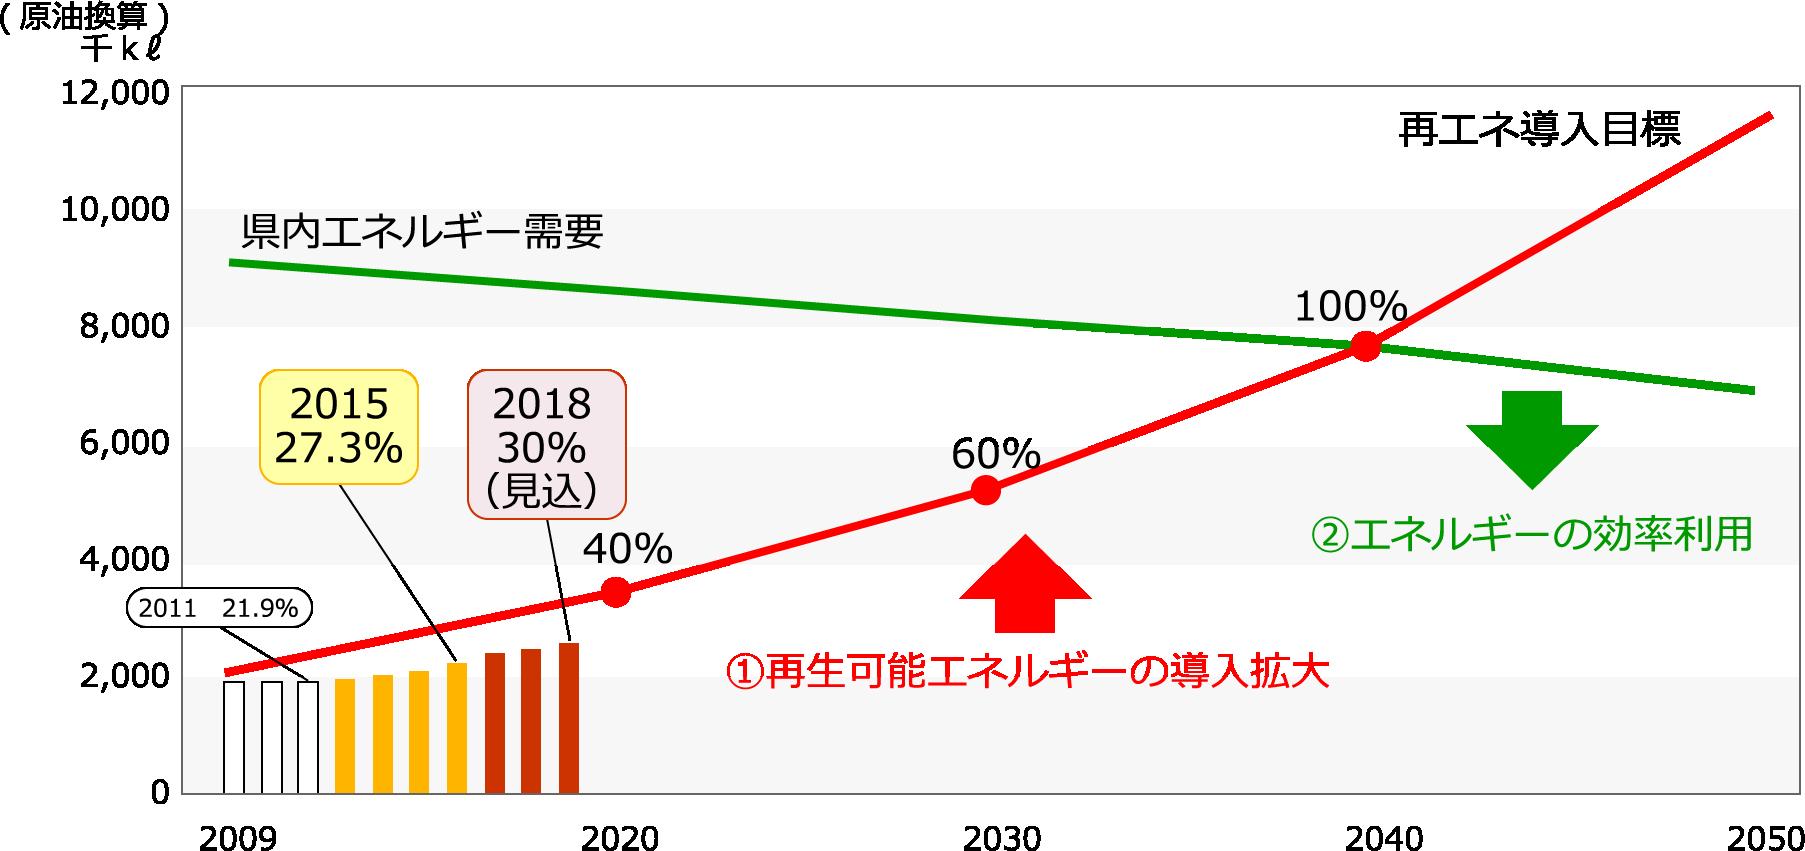 福島県における再生可能エネルギーの導入目標